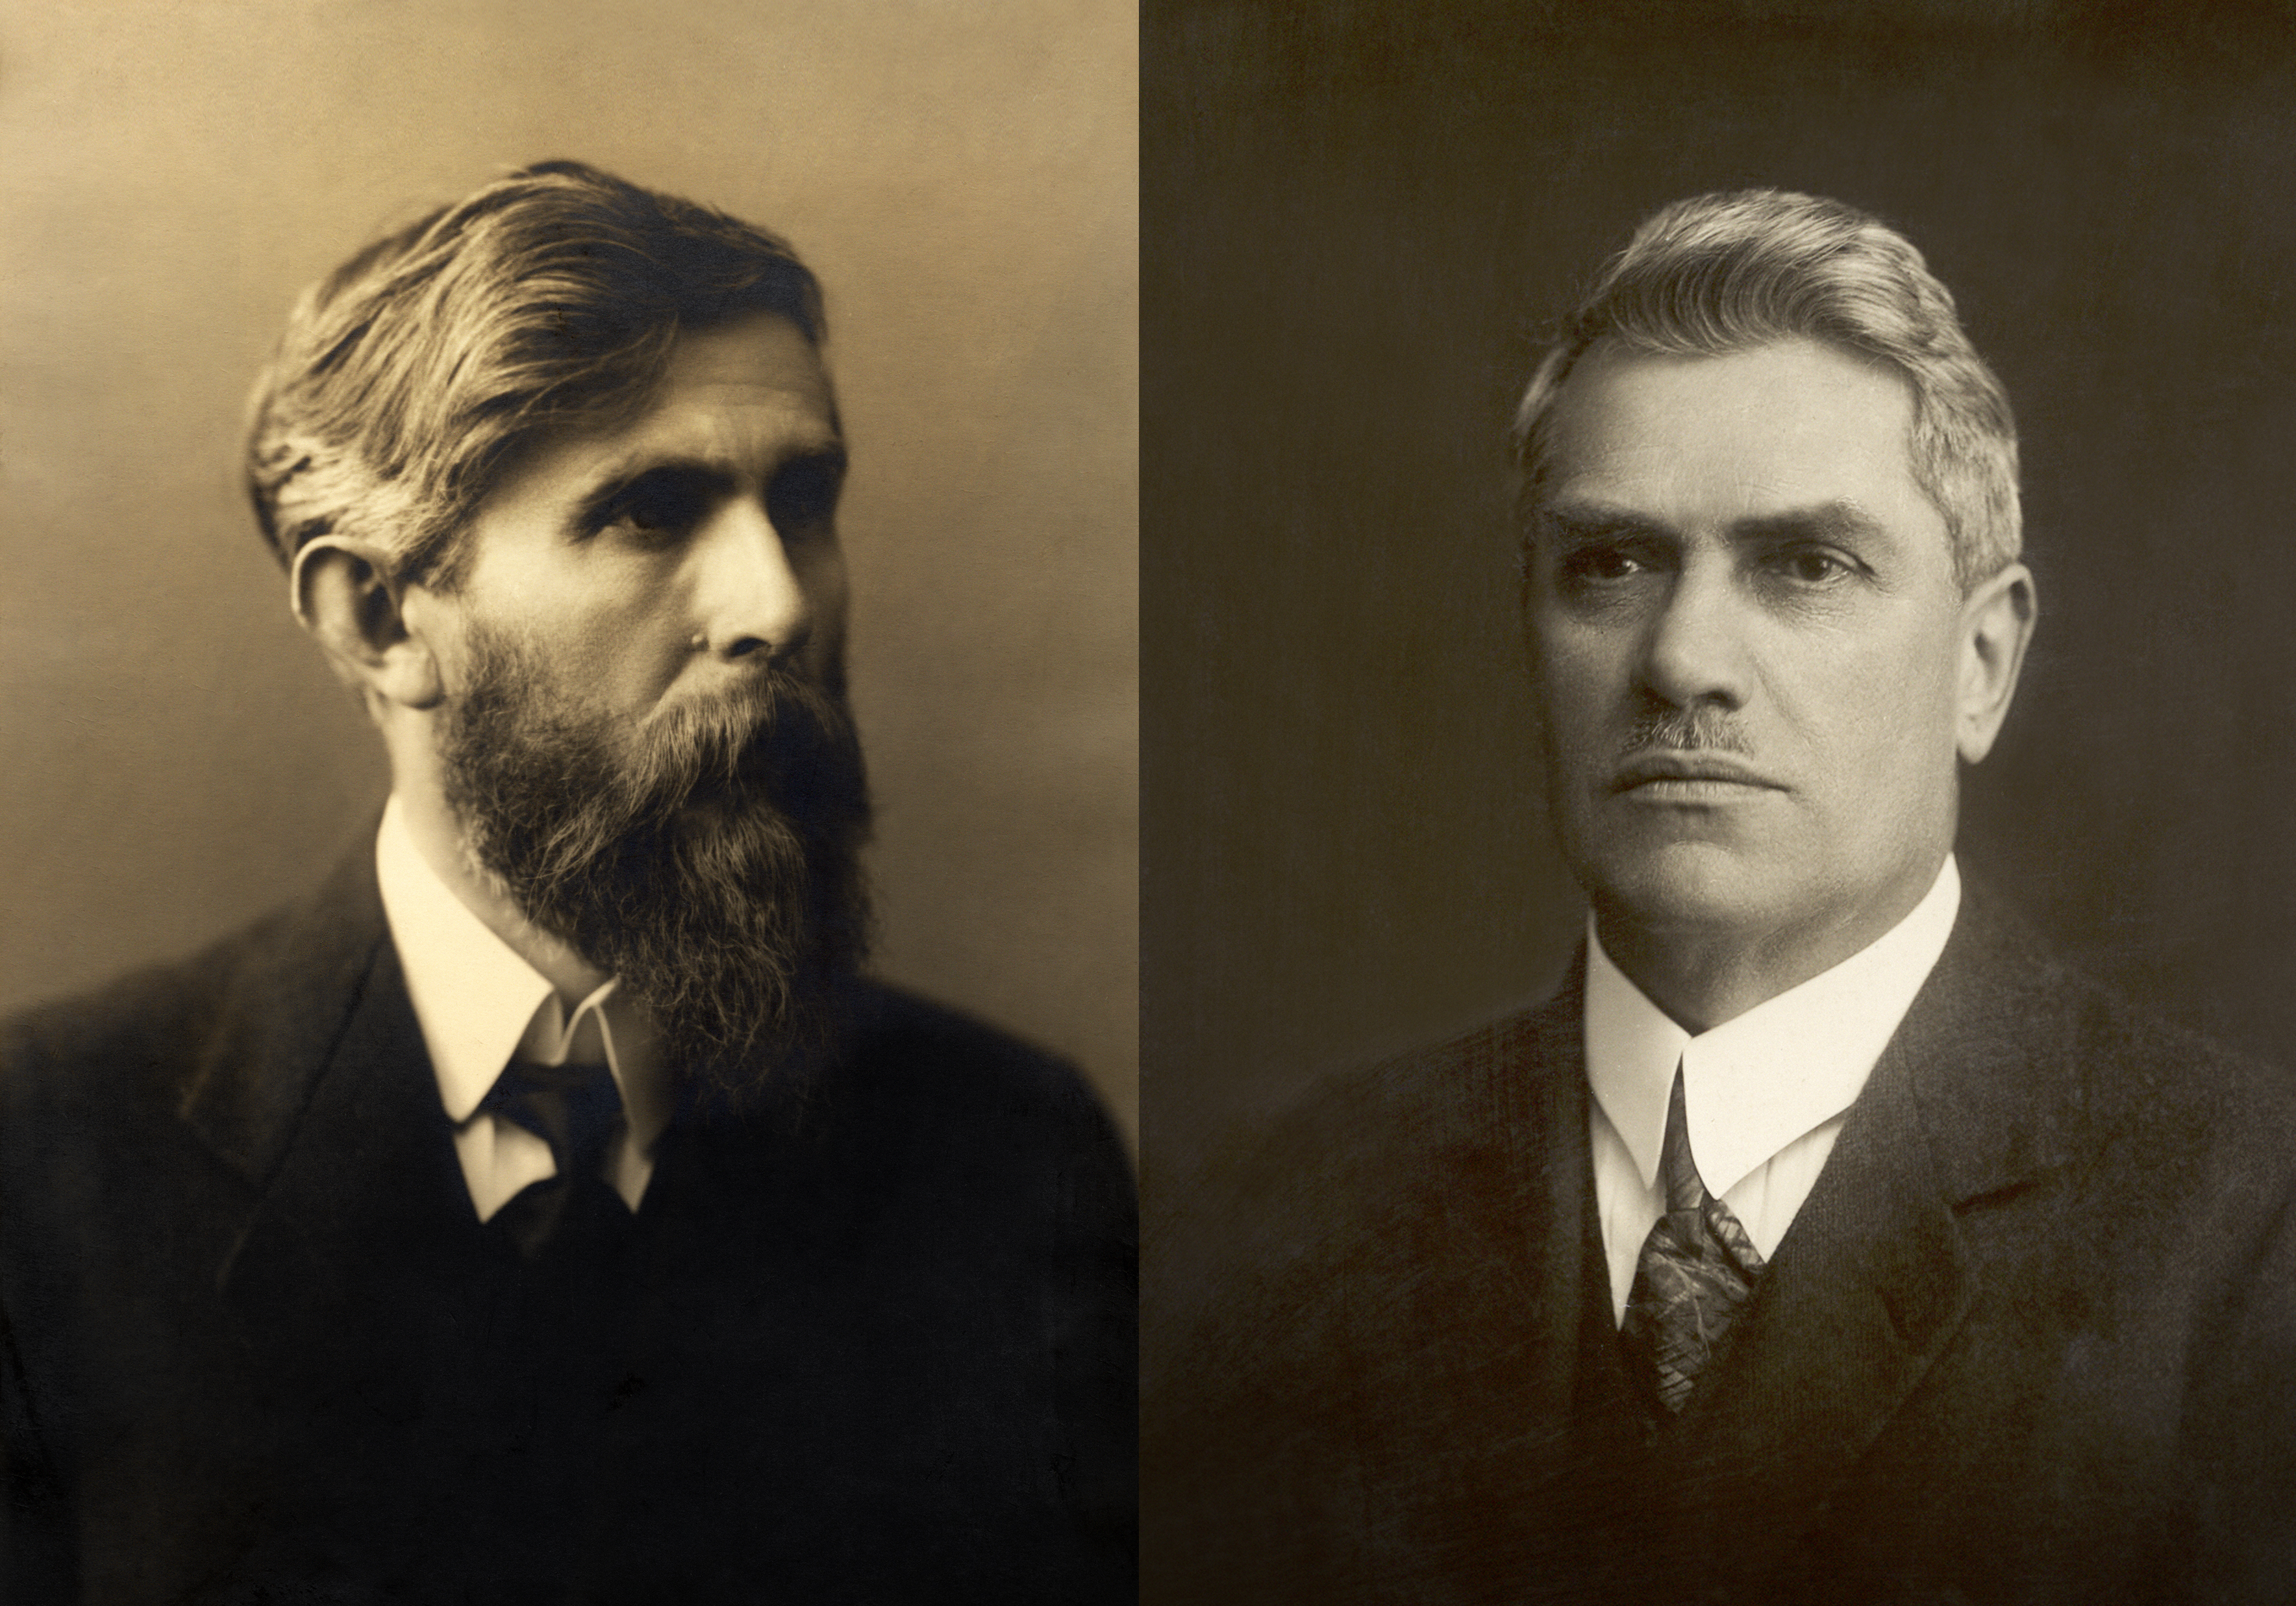 1895 gründeten der Buchhändler Václav Klement (li) und der Mechaniker Václav Laurin die Firma Laurin & Klement und legten damit den Grundstein für das heutige Unternehmen Škoda Auto. FOTO: ŠKODA AUTO